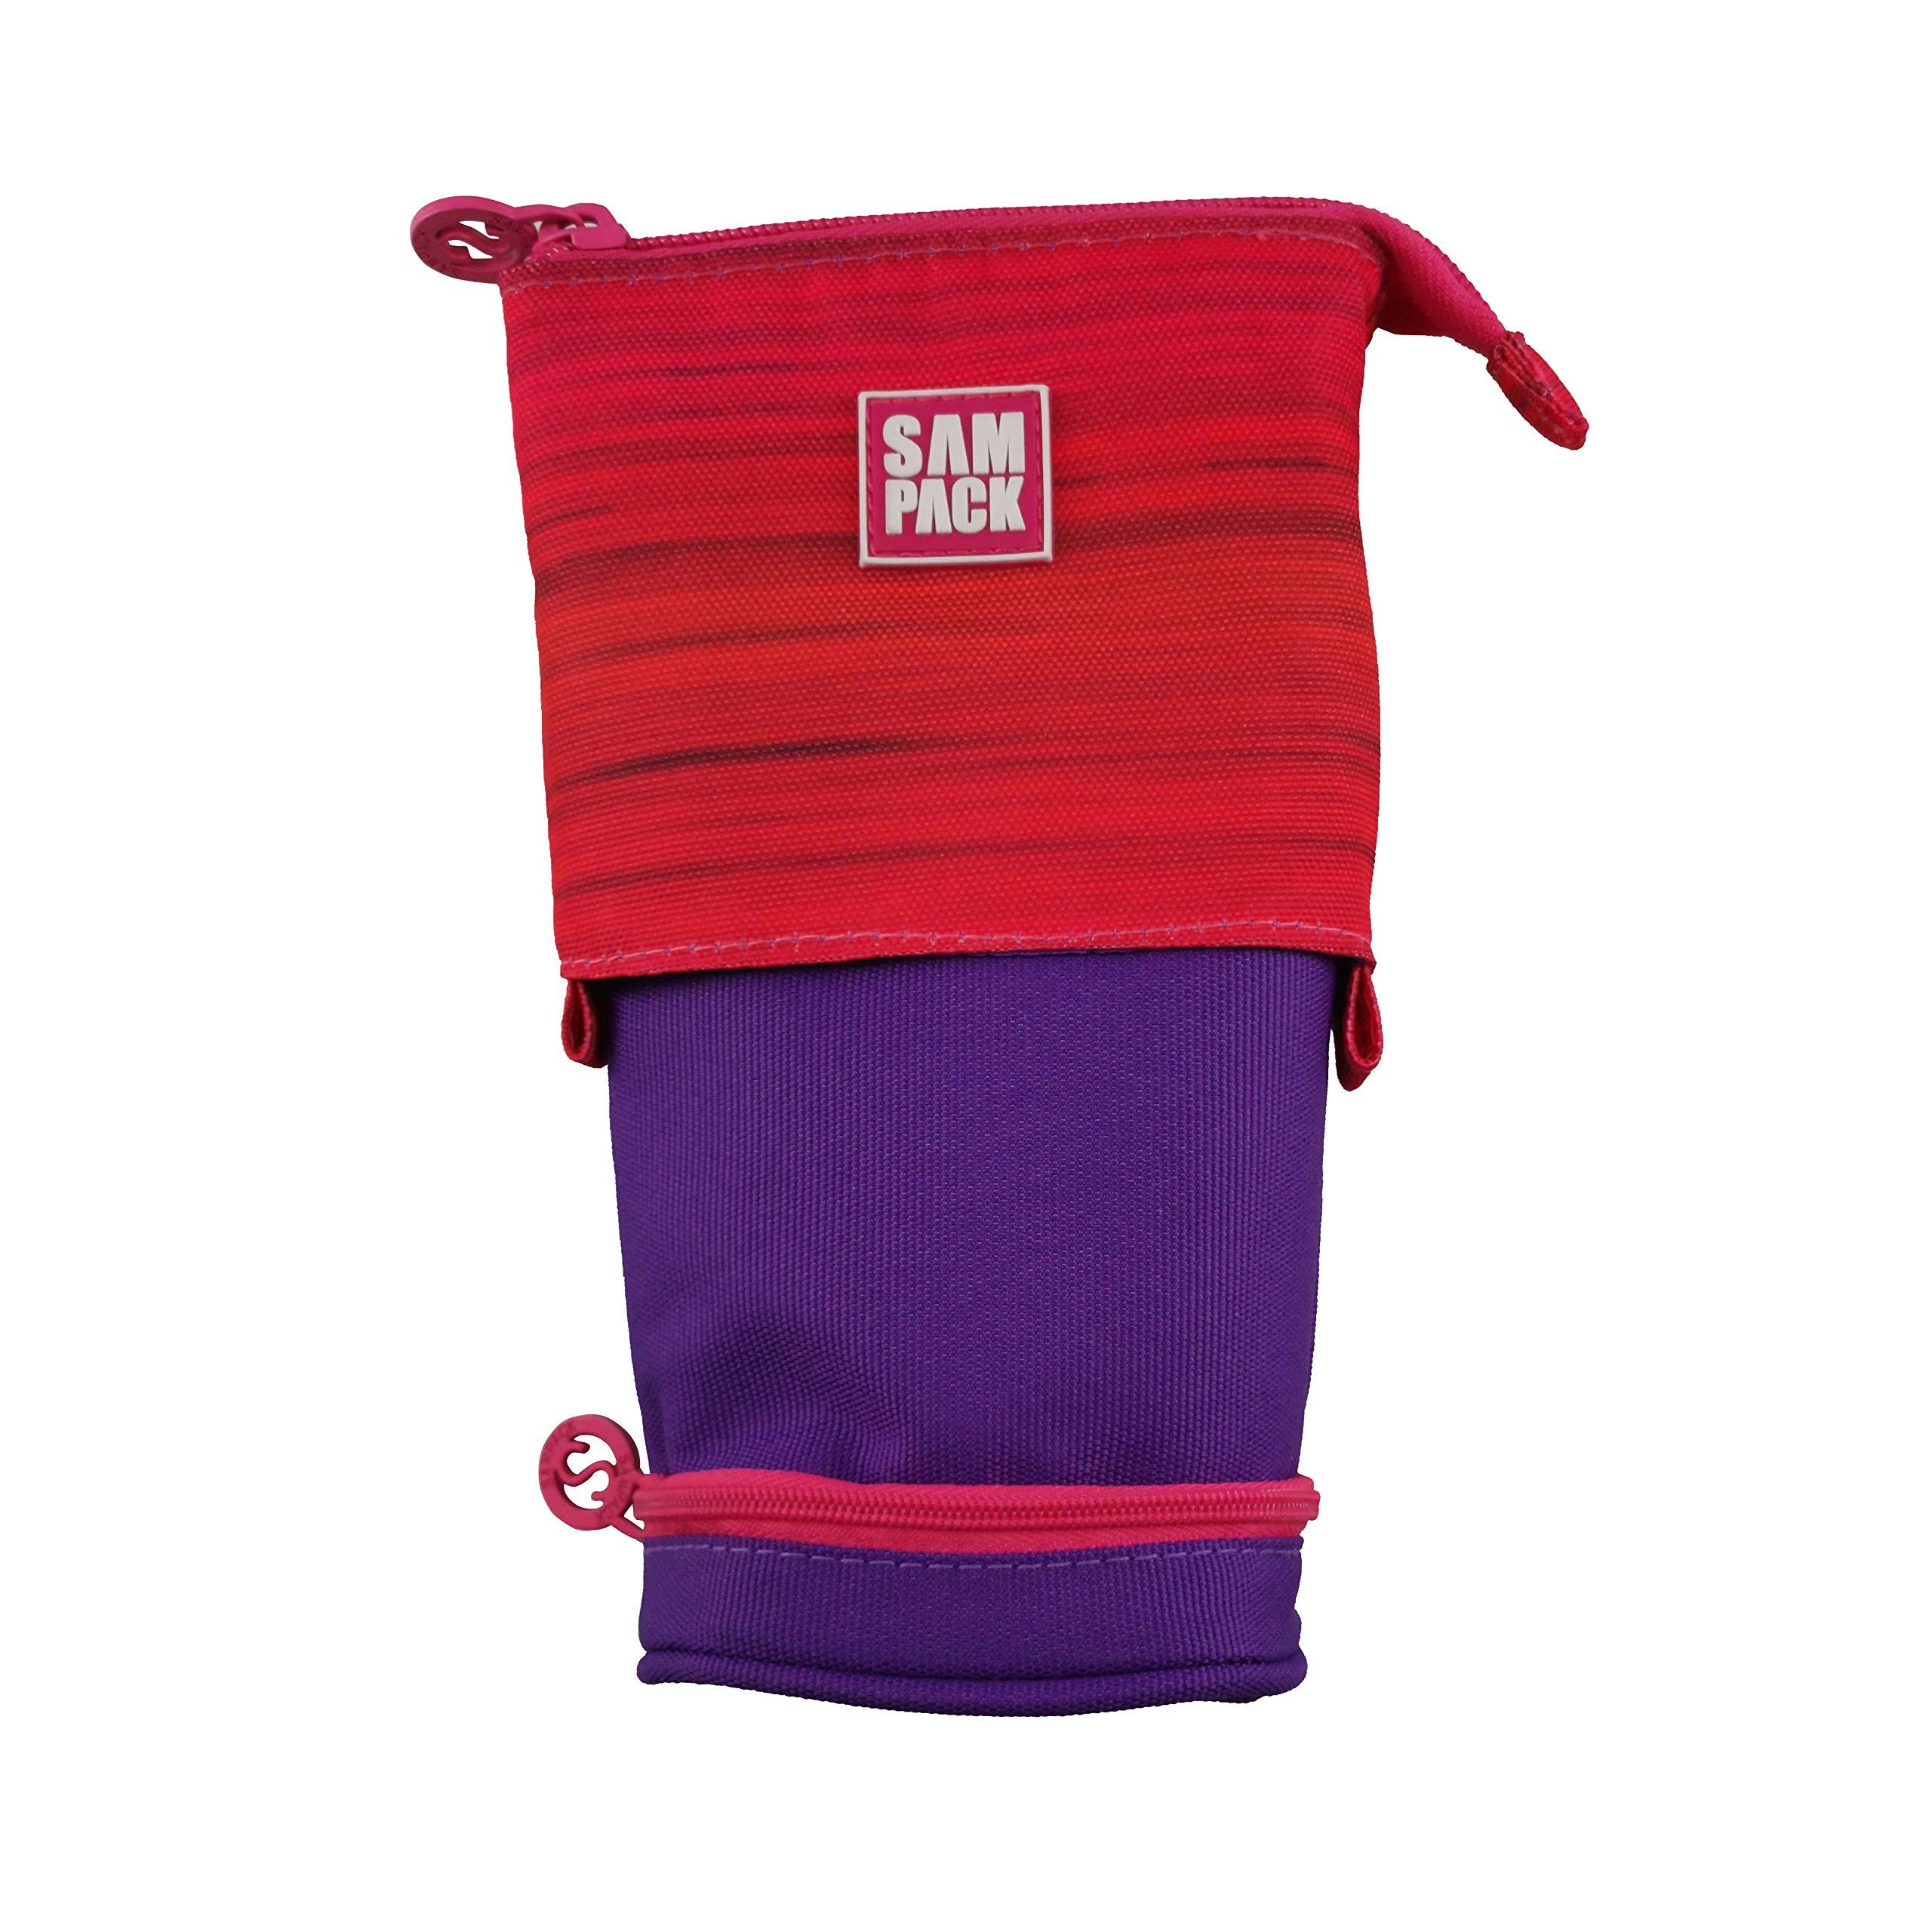 Estuche Escolar Rojo&Lila Sampack 2 Cremalleras 2 Bolsillos Transformable 12 x 6 x 20 cm: Amazon.es: Oficina y papelería